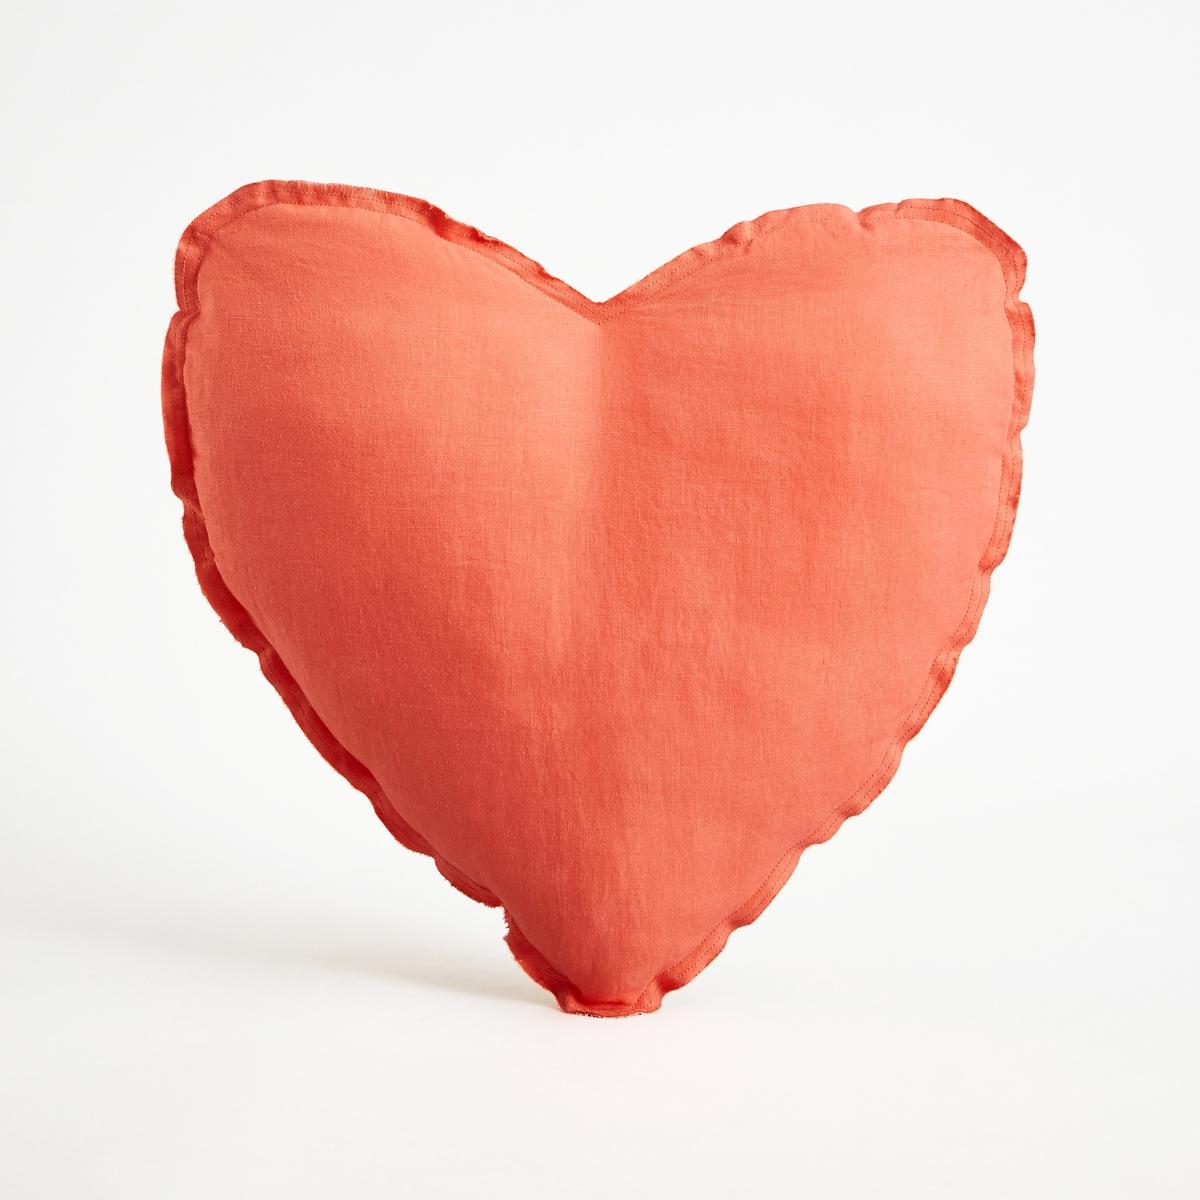 Подушка-сердце AchenzaПодушка Achenza. Подушка-сердце добавит нежности в интерьер спальни малыша. Из 100% двухцветного льна с необработанными краями. Наполнитель из мягких волокон полиэстера. Стирать при 40°C. Размеры : ?40 см.<br><br>Цвет: розовый коралловый<br>Размер: единый размер